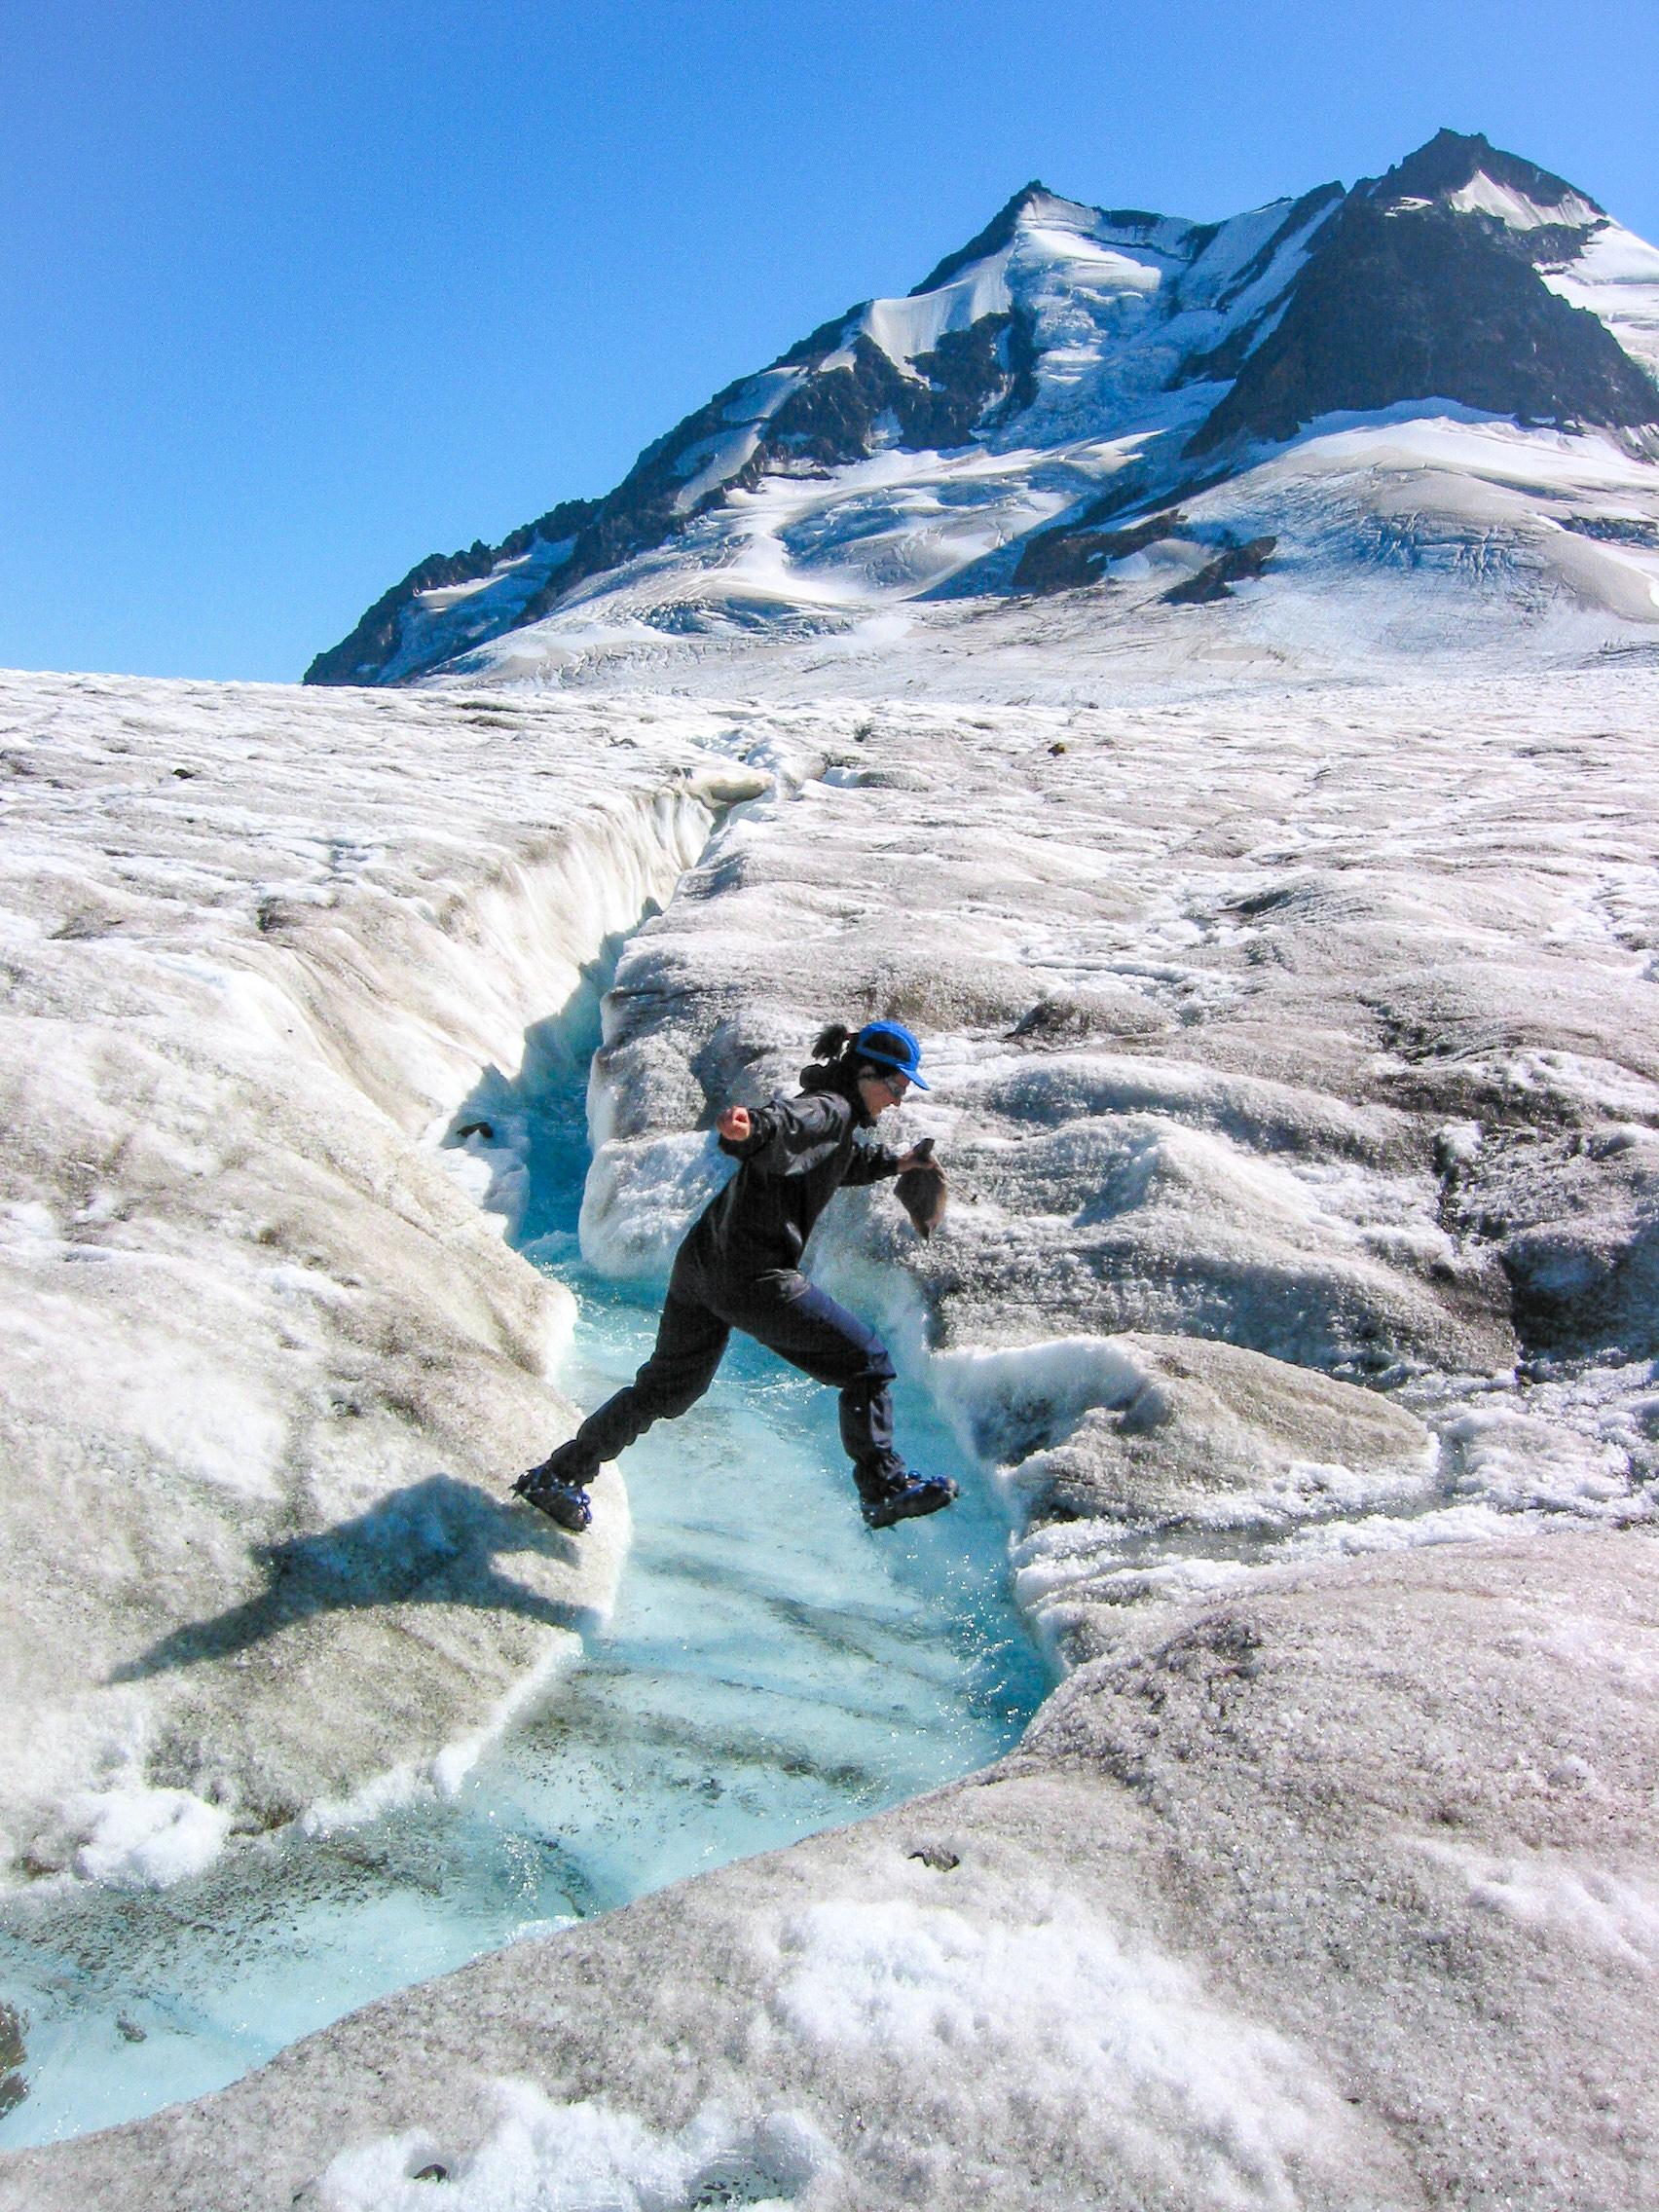 Glacier Adventure Day-Trip: Root Glacier Stream Crossing